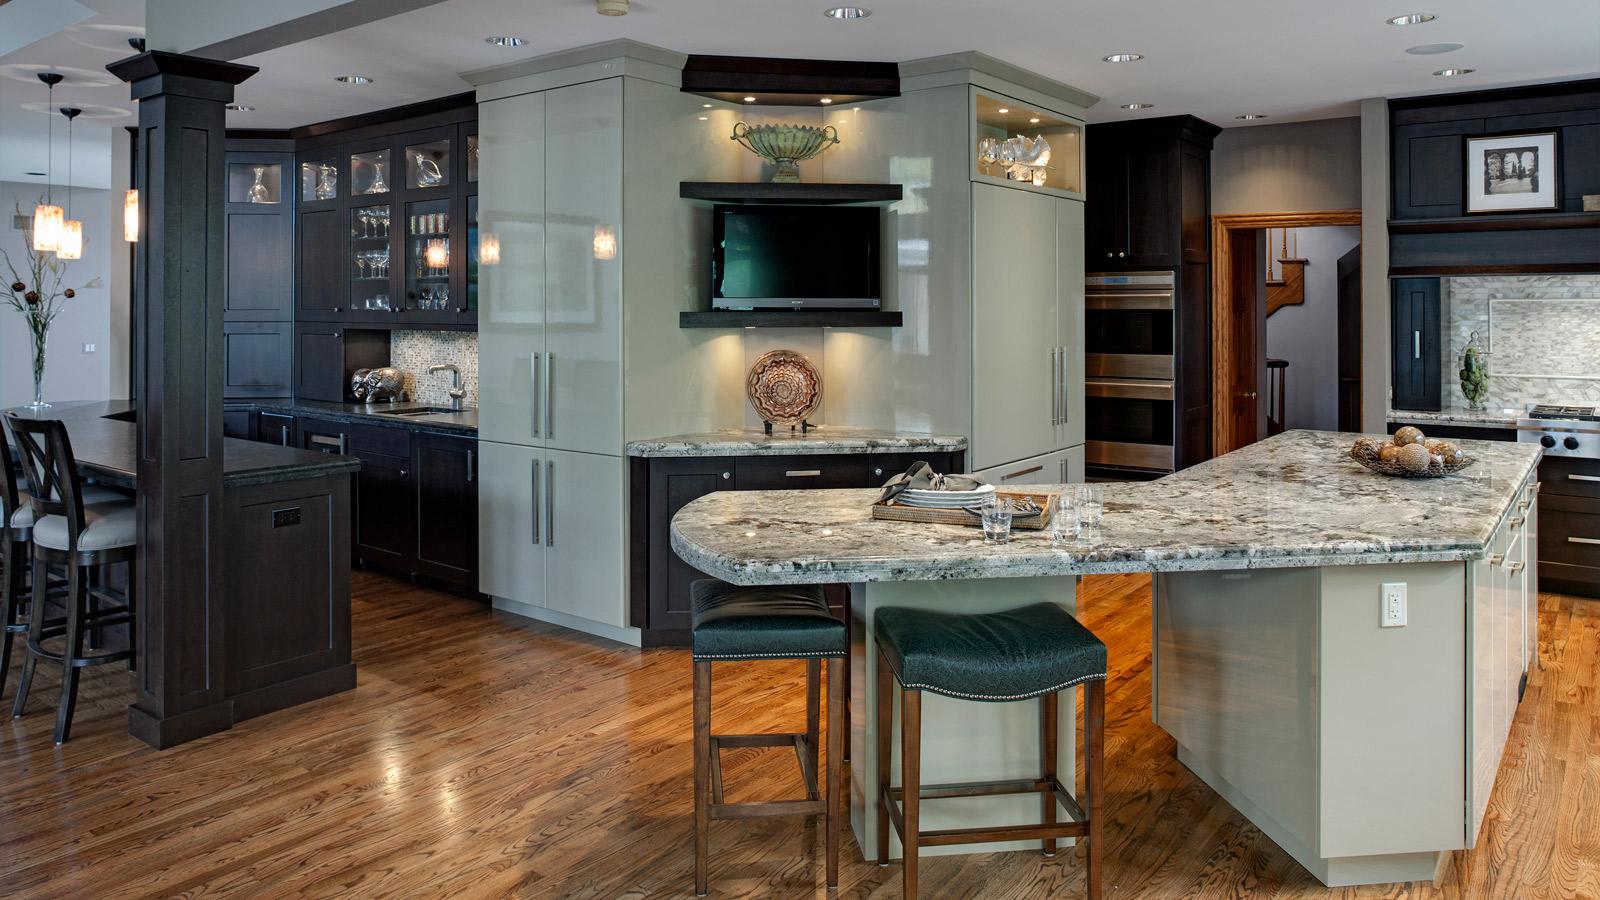 award-winning glen ellyn kitchen in transition - drury design